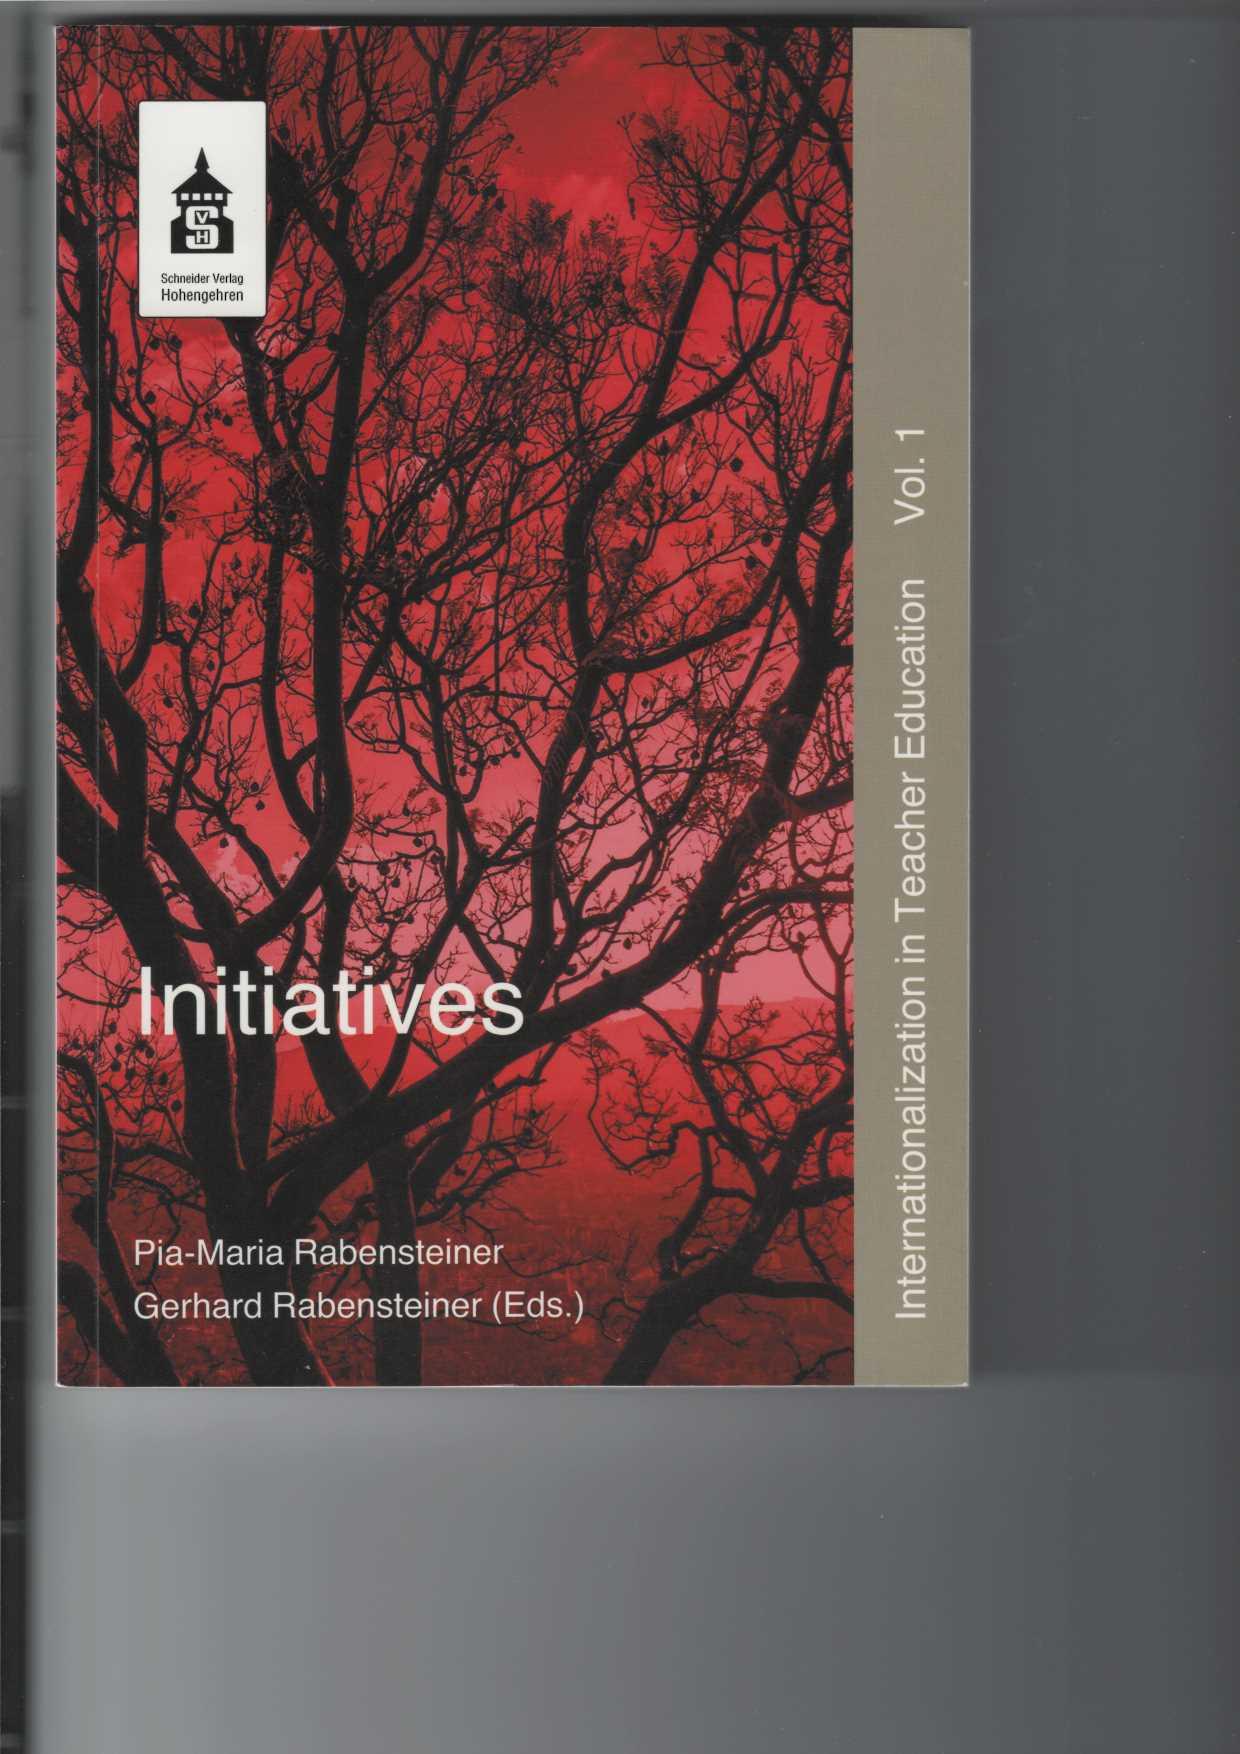 Rabensteiner, Pia-Maria und Gerhard Rabensteiner: Initiatives. Internationalization in Teacher Education. Vol. 1, Beiträge in englischer und deutscher Sprache.